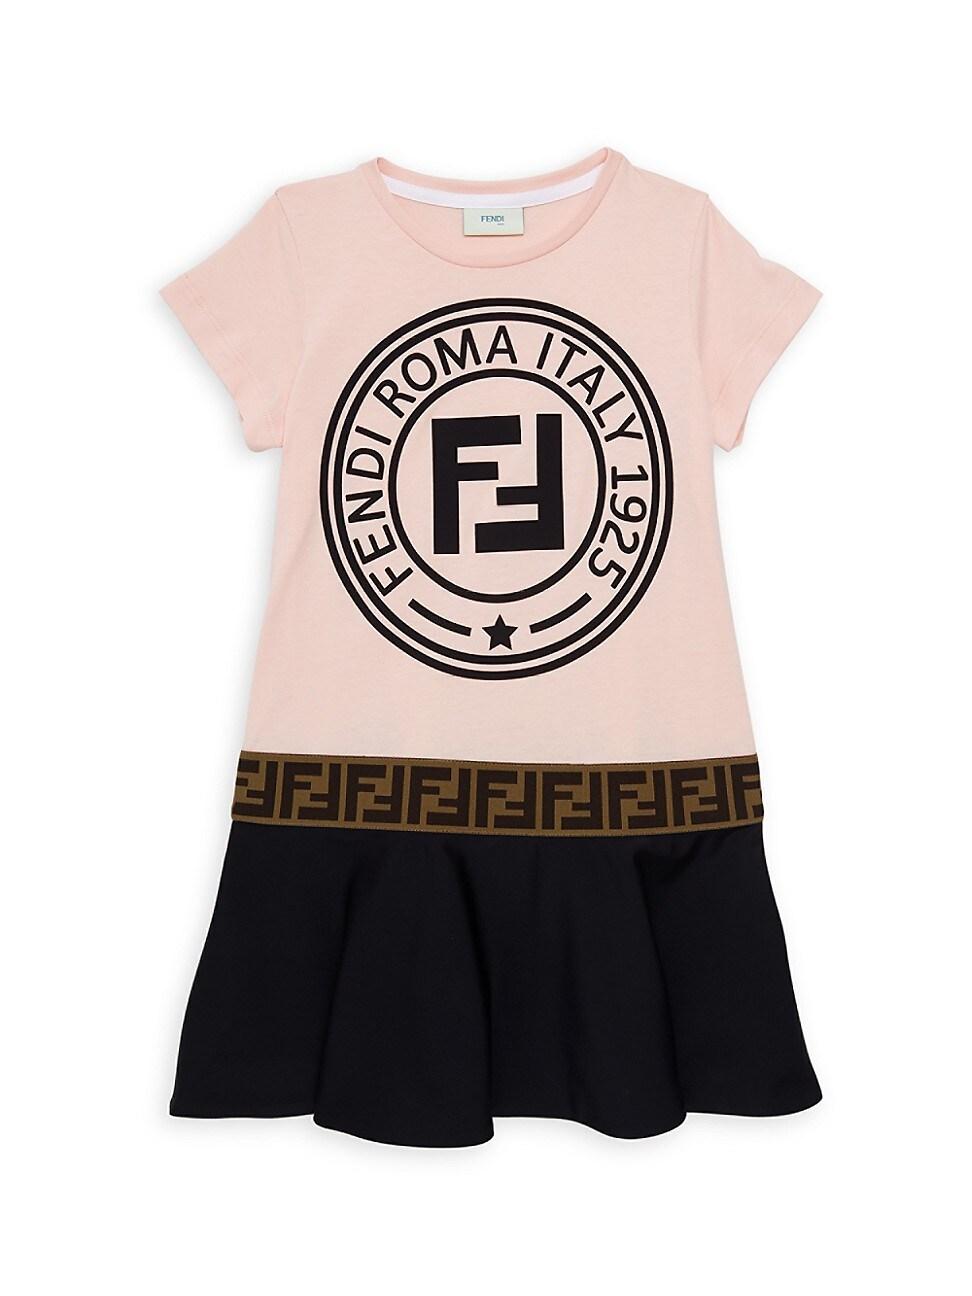 FENDI LITTLE GIRL'S & GIRL'S LOGO T-SHIRT DRESS